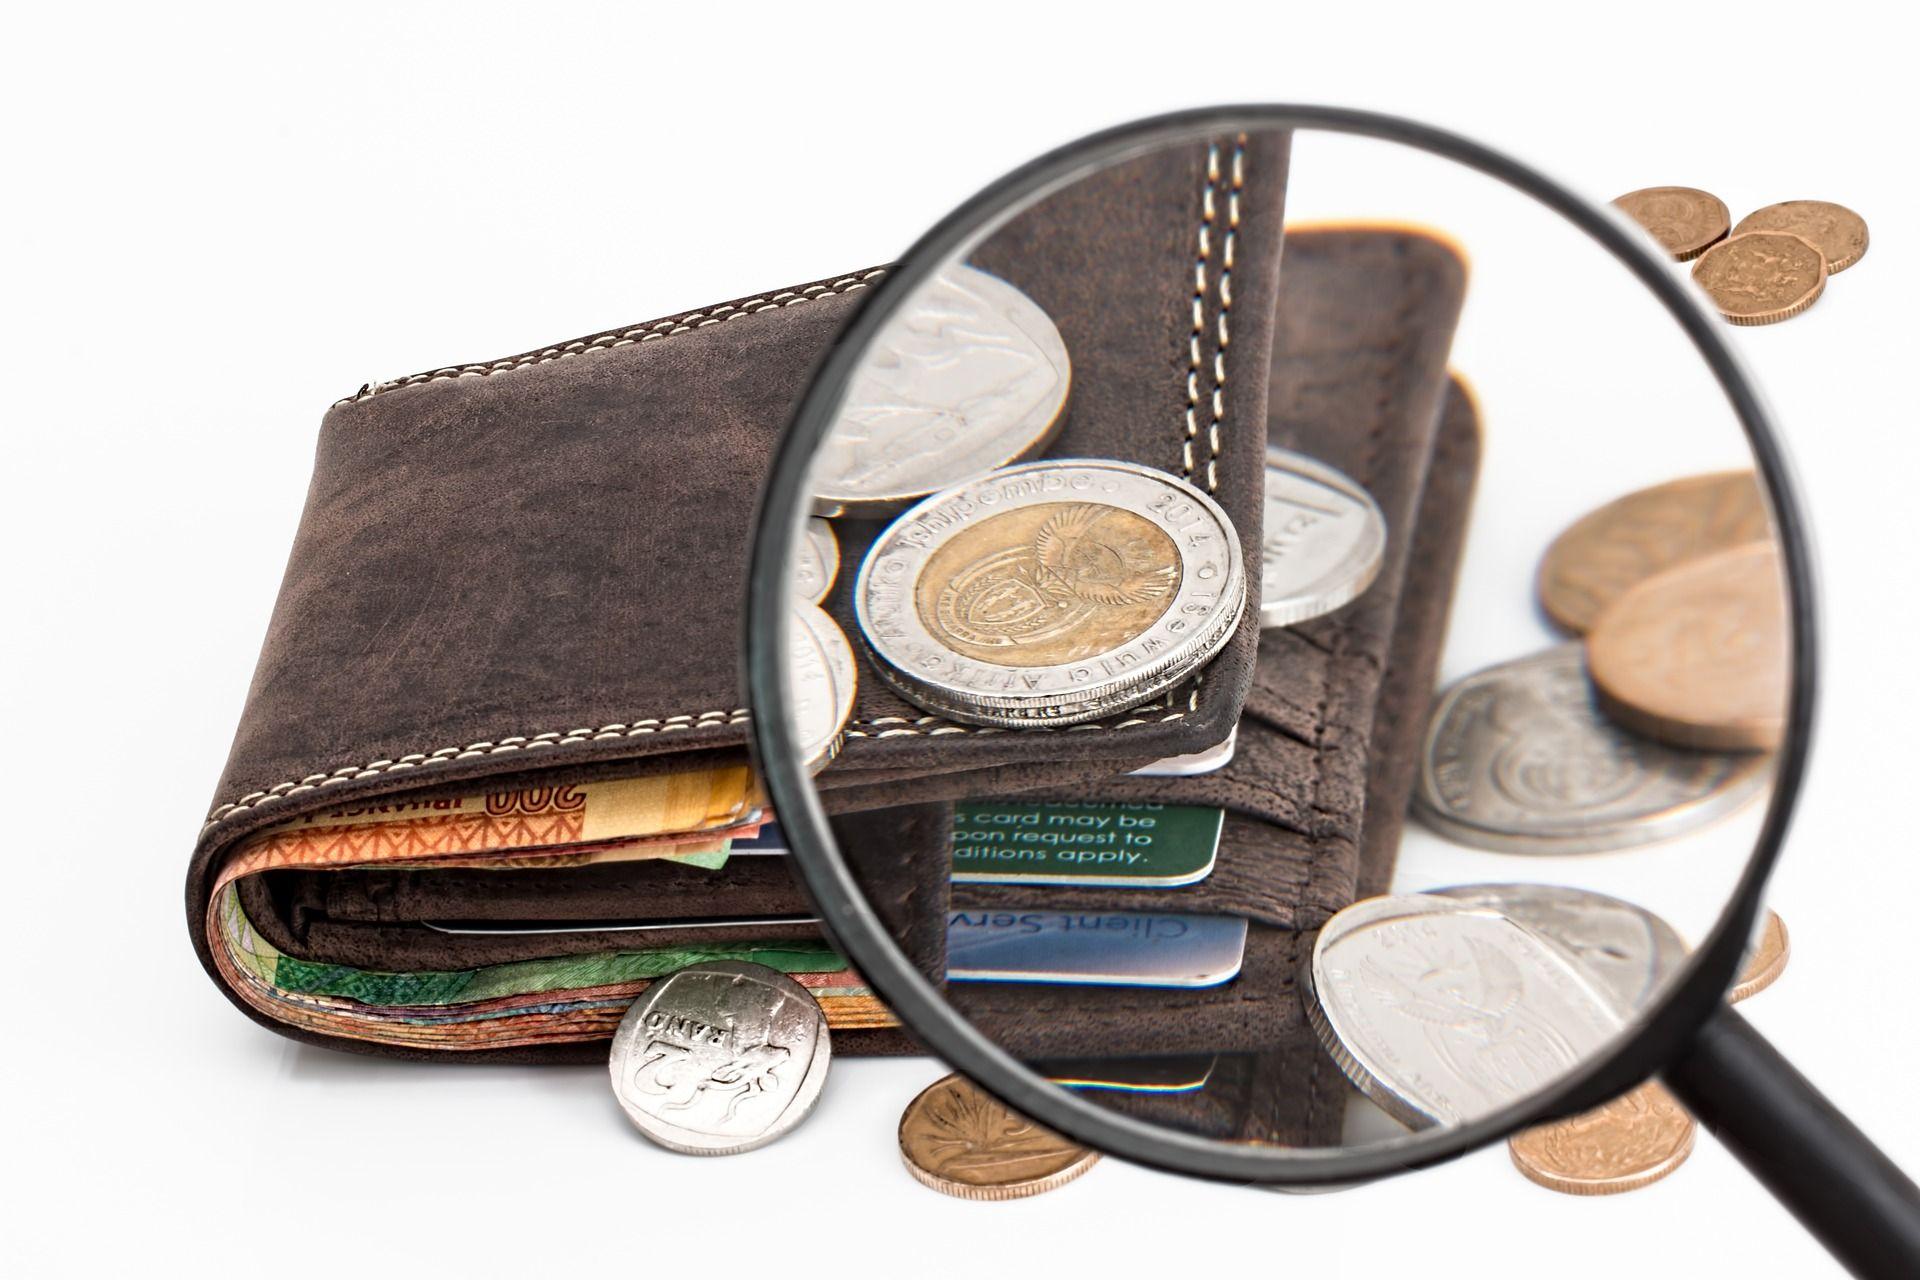 Acquisti impulsivi: guardate sempre il prezzo prima di comprare